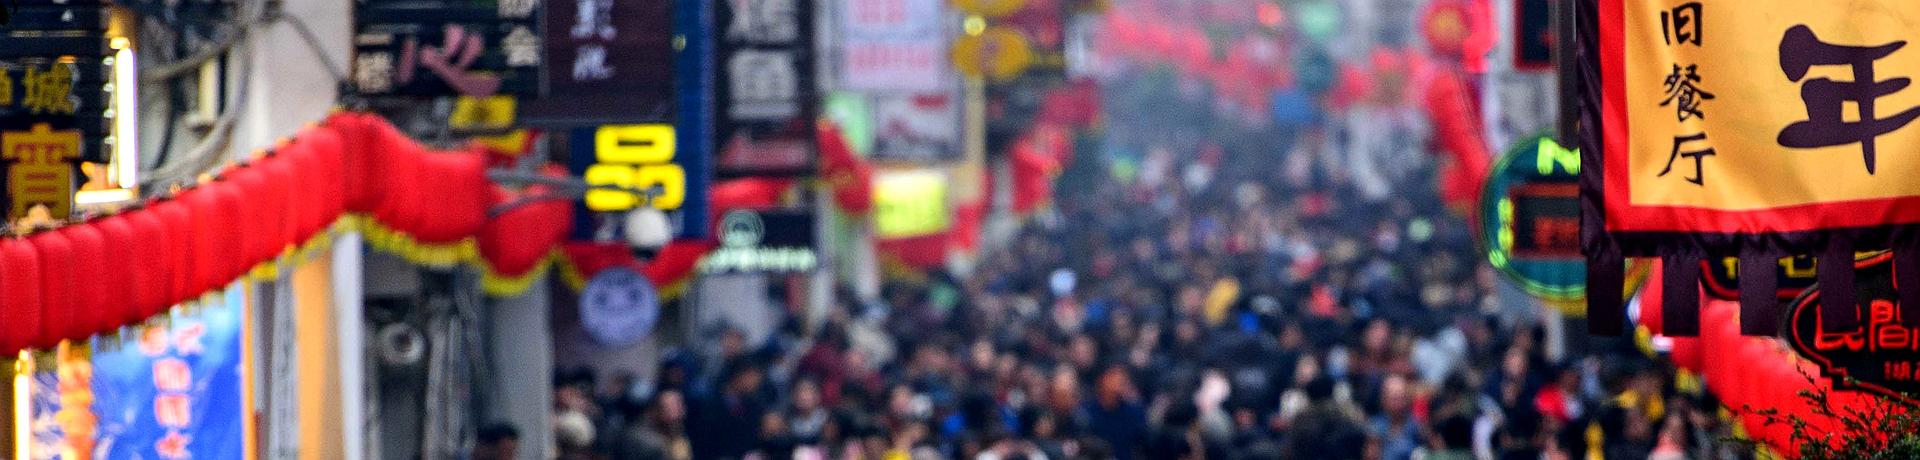 文旅厅:春节期间严控节日祈福庙会灯会等群体性活动